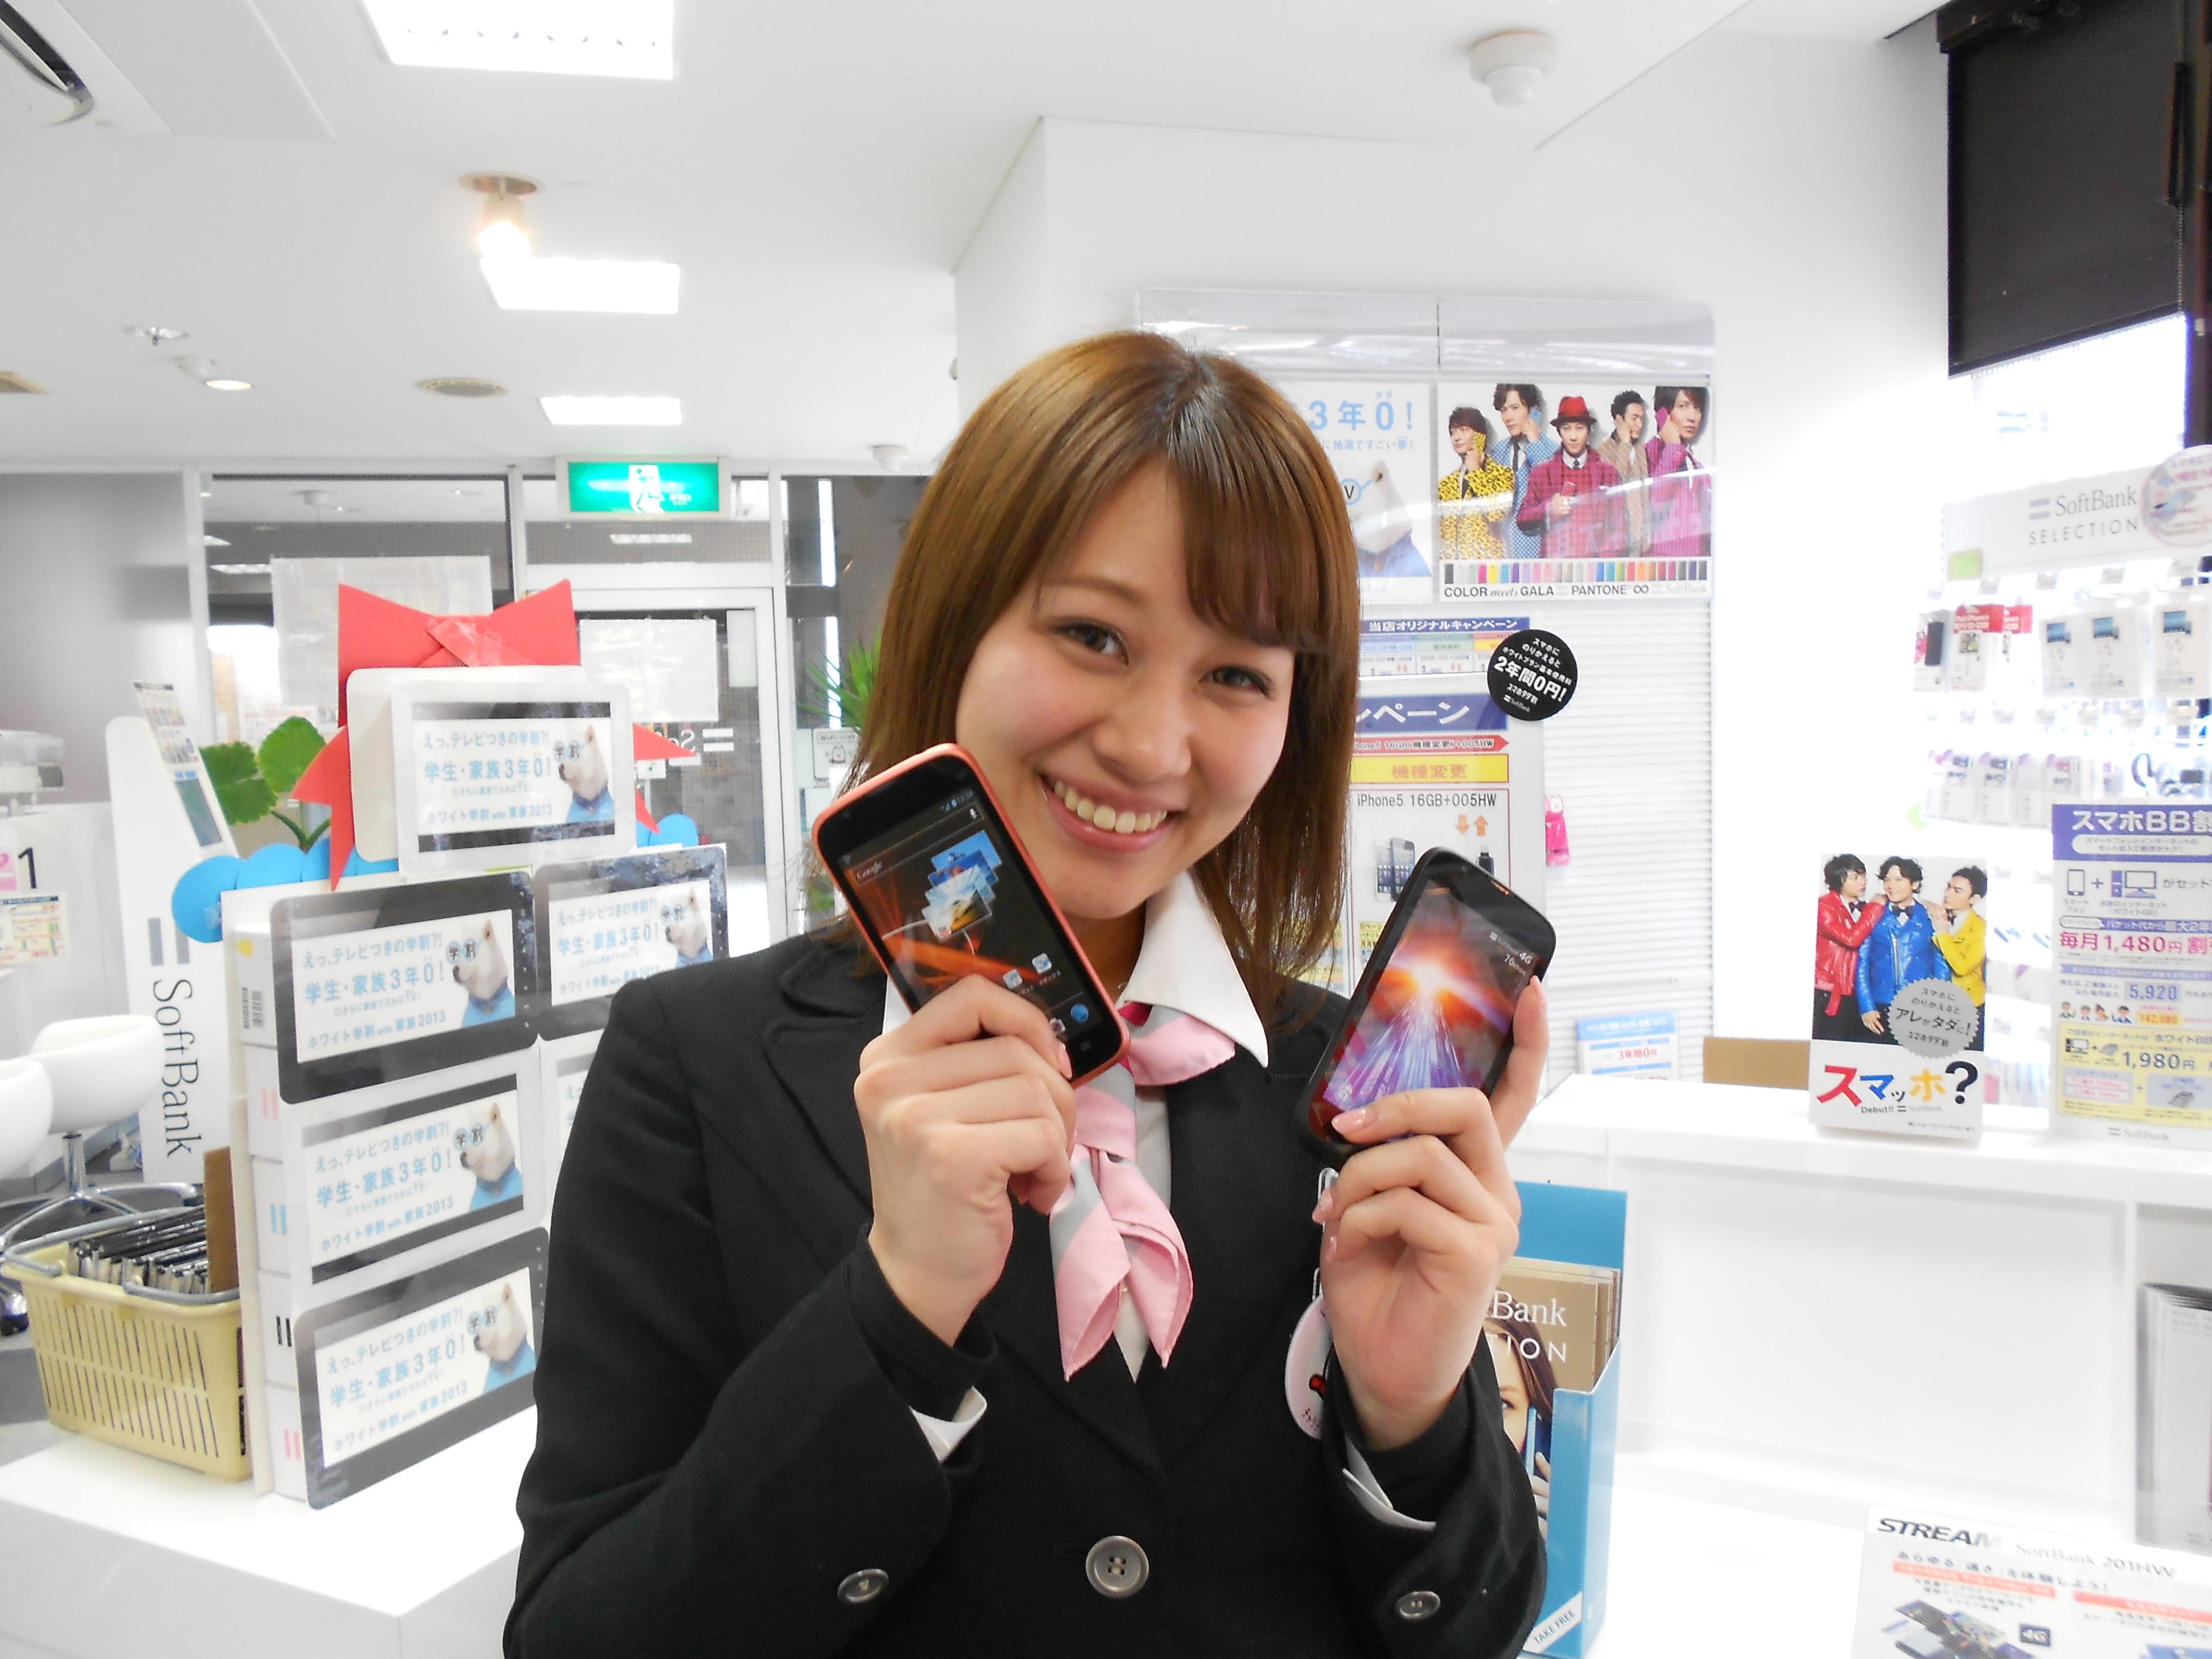 ワイモバイル 福生(株式会社シエロ)のアルバイト情報